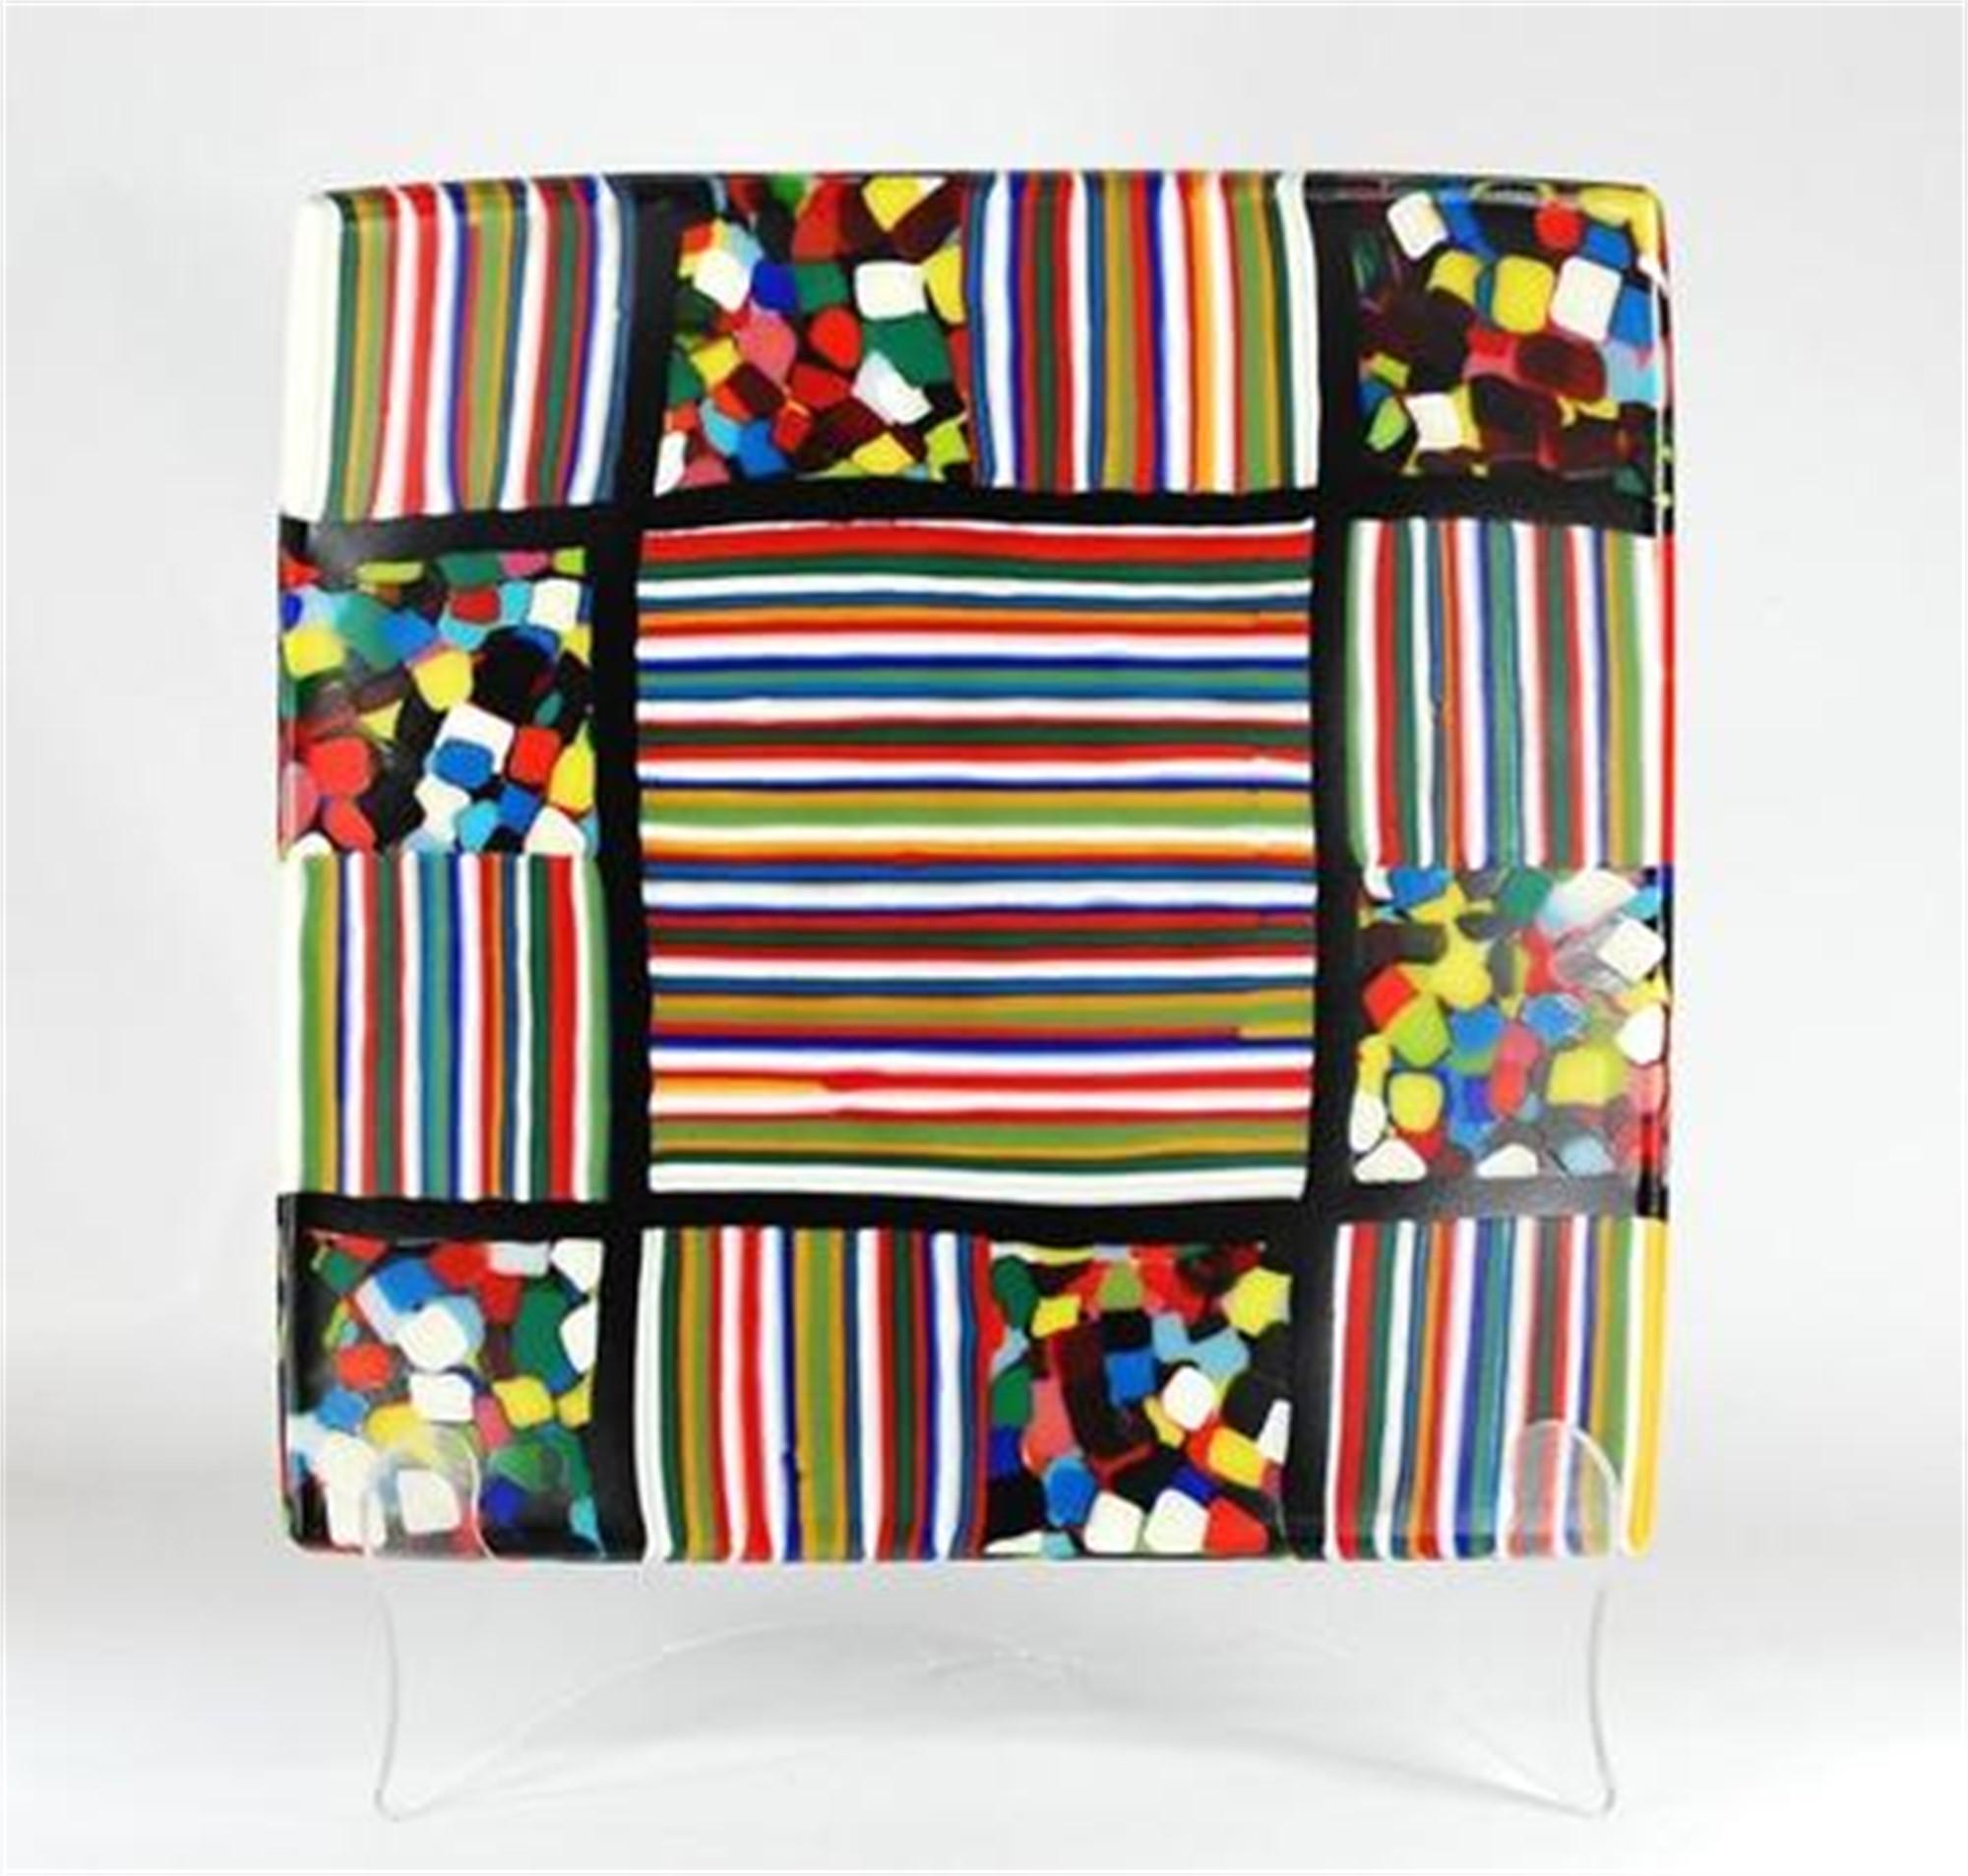 Confetti Squared by Greg Rawls